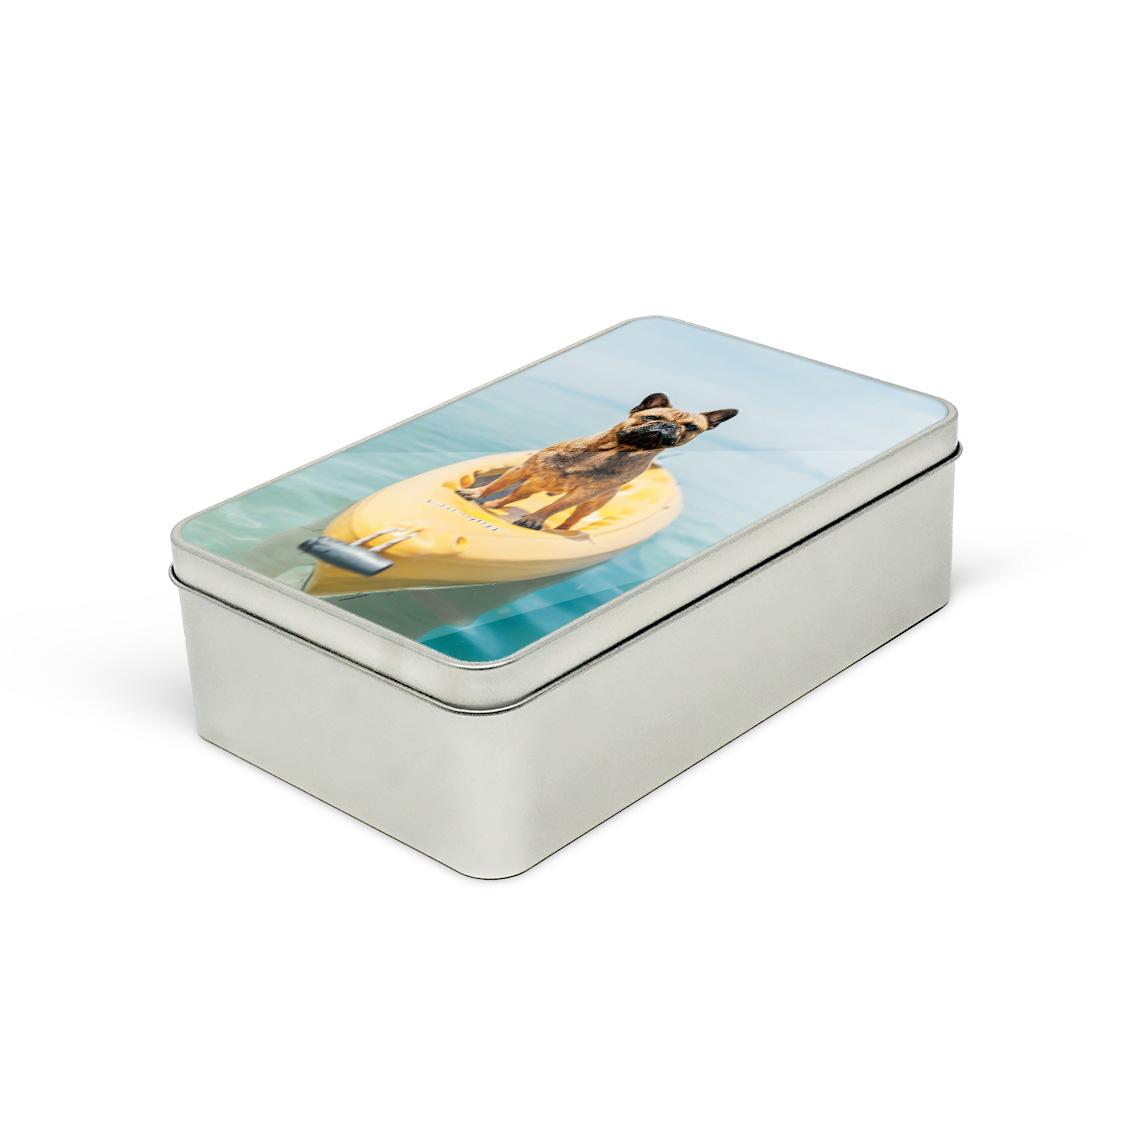 Personalised tins rectangular